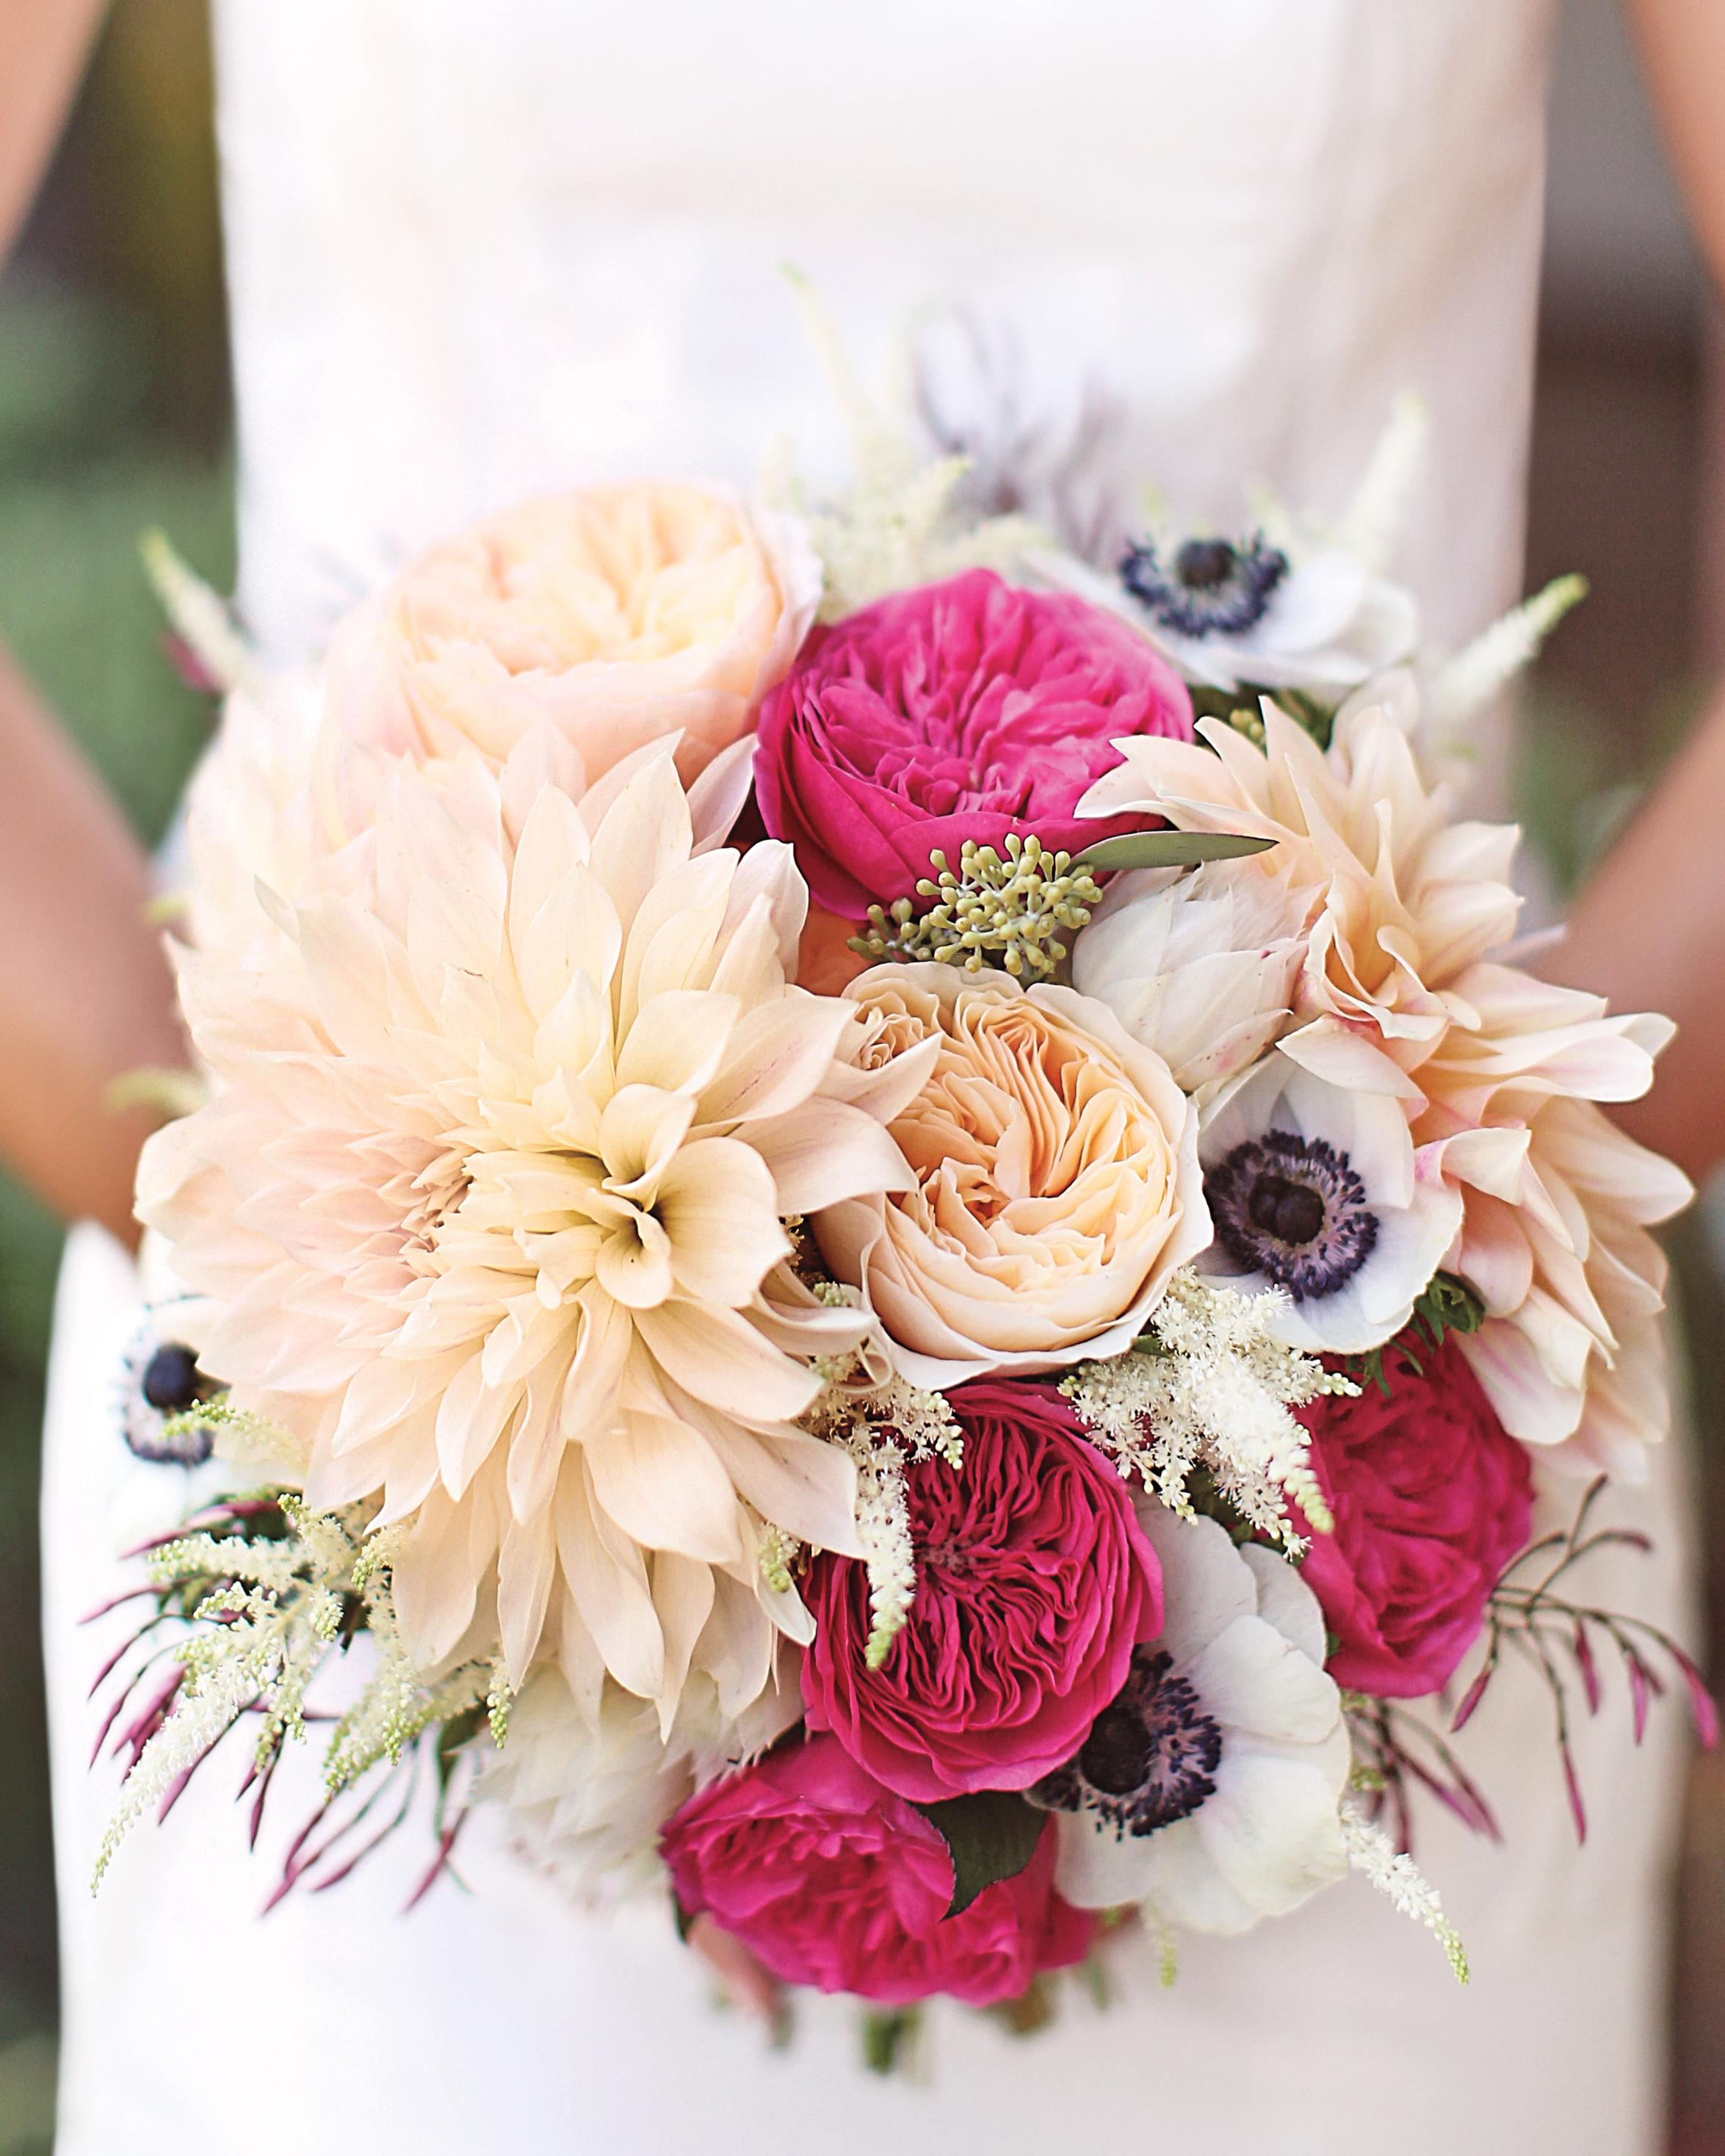 bouquet-003-mwd109359.jpg